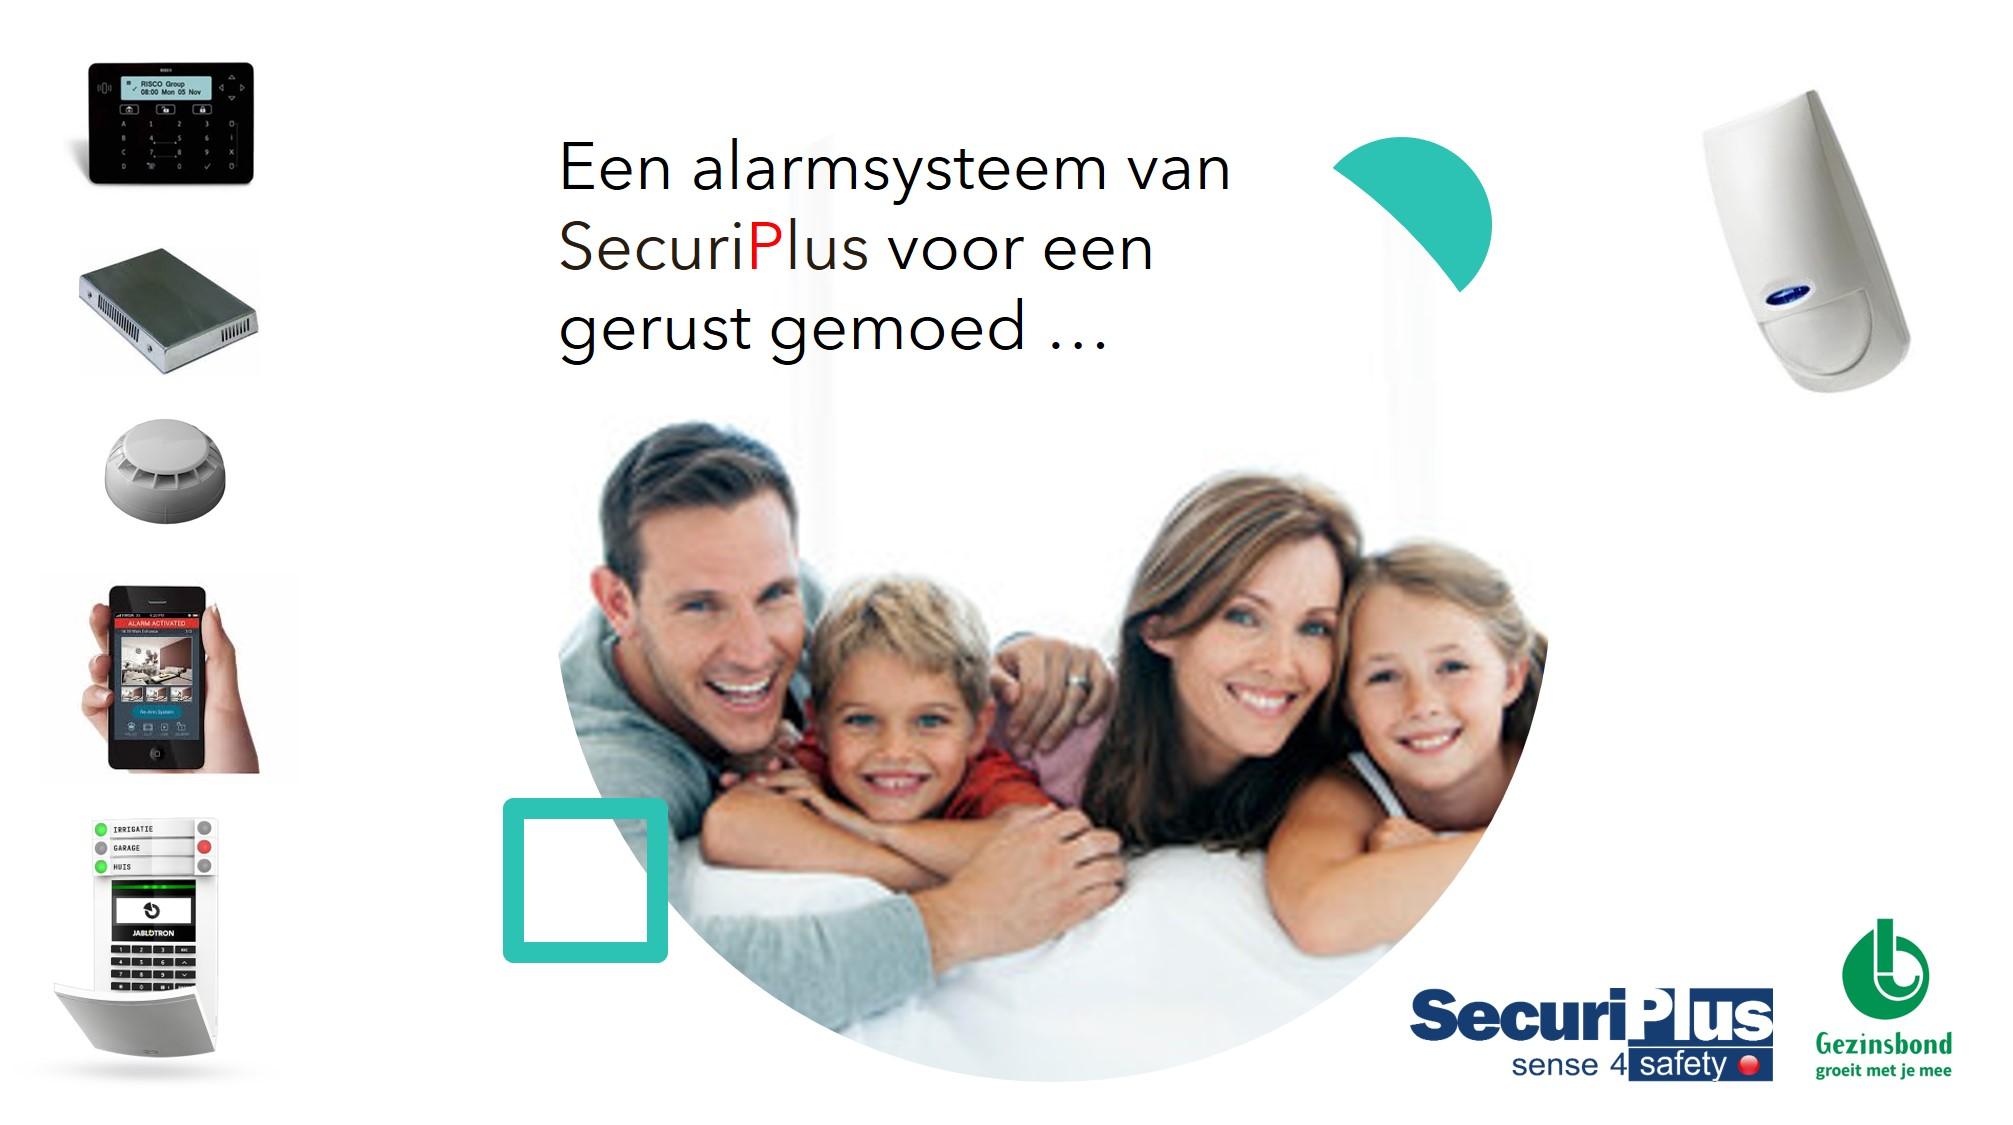 Flyer Gezinsbond actie met Securiplus beveiligingen en alarmsysteem